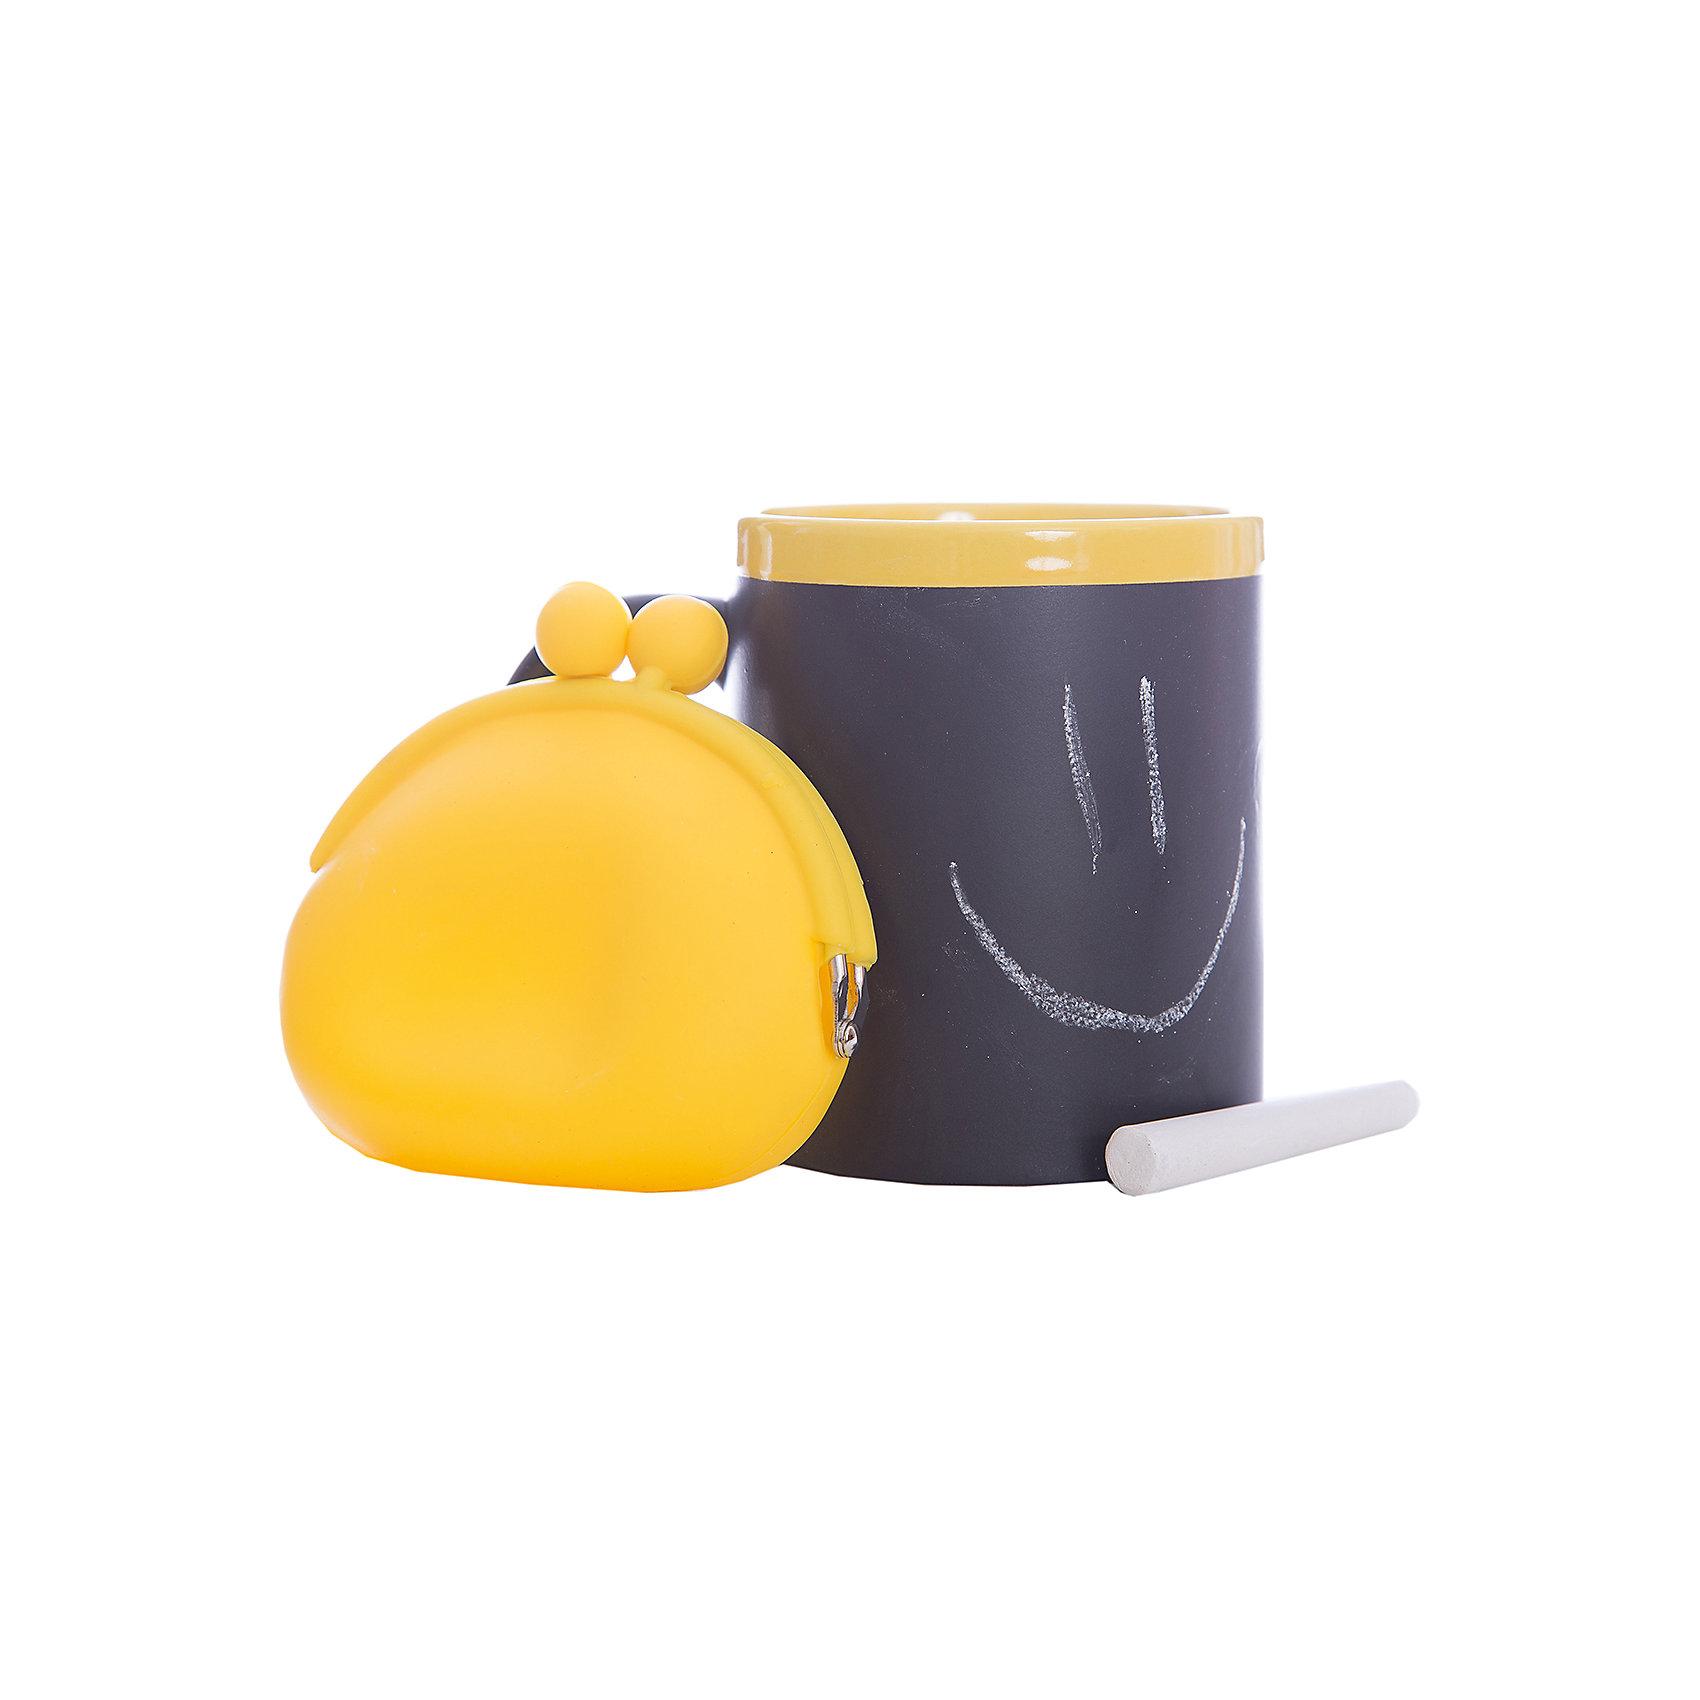 Набор подарочный  Канареечный, Феникс-ПрезентПосуда<br>Набор подарочный Канареечный, Феникс-Презент<br><br>Характеристики:<br><br>• оригинальный набор в подарочной упаковке<br>• в комплекте: кружка, мелки (2 шт.), кошелек<br>• кружка с меловым грифельным покрытием для заметок<br>• материал кружки: керамика<br>• объем кружки: 300 мл<br>• материал кошелька: силикон<br>• размер коробки: 12х11х10,5 см<br><br>Набор Канареечный - отличный вариант для тех, кто любит оригинальные и запоминающиеся подарки. В комплект входят 2 мелка, кружка и кошелек. Кружка из керамики никого не оставит равнодушным! На ней, с помощью мелков, можно оставить любые послания для близкого человека. Кошелек небольшого размера изготовлен из силикона. Все изделия выполнены в желтом и черном цветах. Такой подарок именинник запомнит надолго!<br><br>Набор подарочный Канареечный, Феникс-Презент можно купить в нашем интернет-магазине.<br><br>Ширина мм: 120<br>Глубина мм: 110<br>Высота мм: 110<br>Вес г: 458<br>Возраст от месяцев: 120<br>Возраст до месяцев: 2147483647<br>Пол: Унисекс<br>Возраст: Детский<br>SKU: 5449660